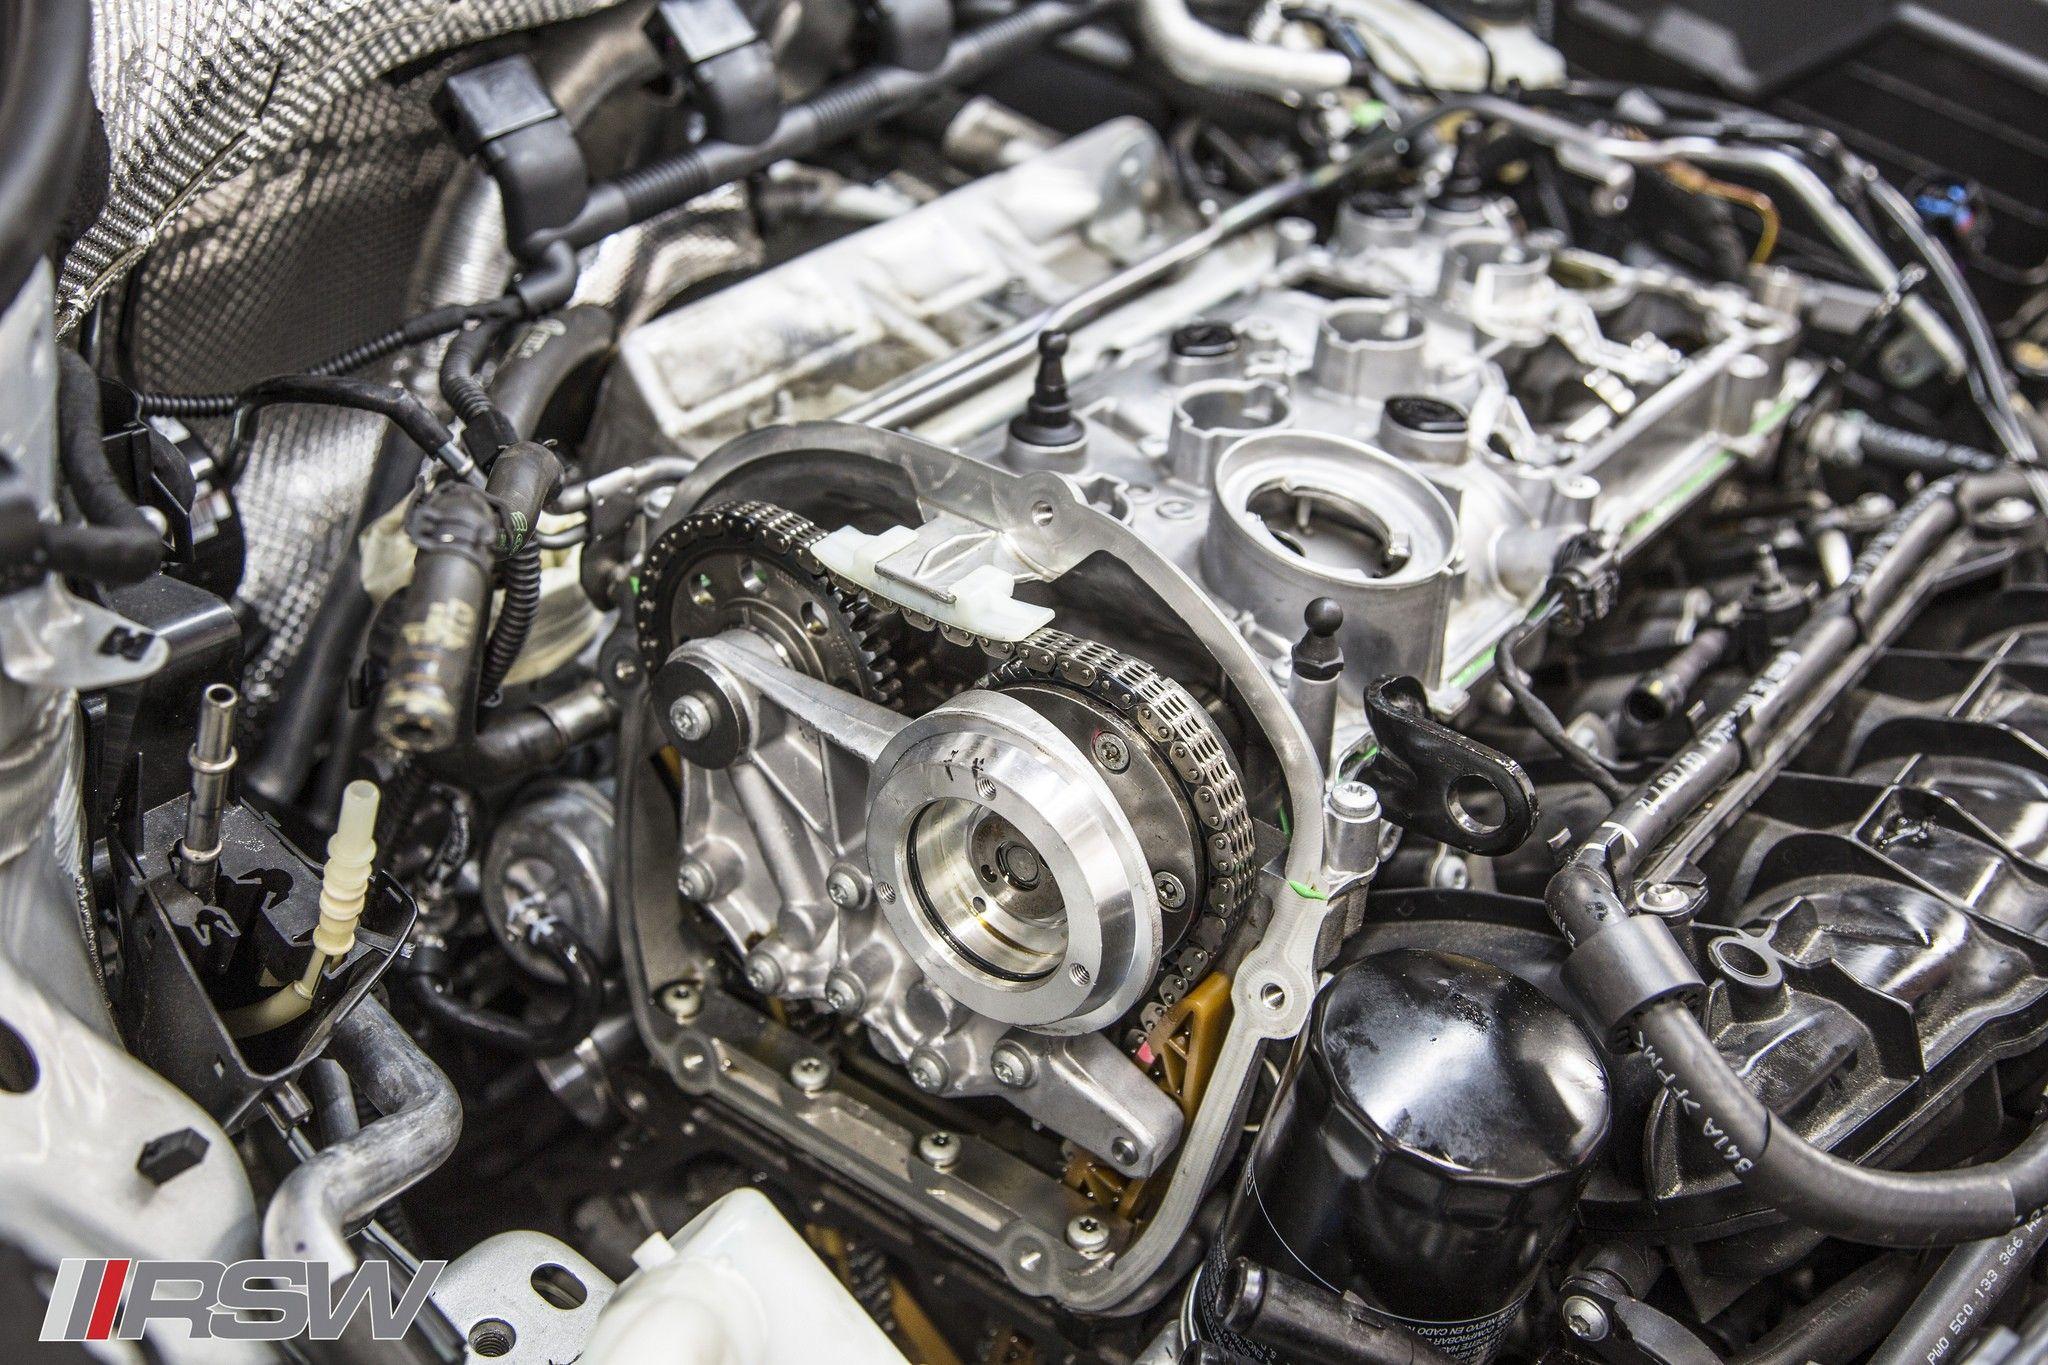 Vw 2 0 Fsi Engine Diagram Volkswagen Tdi Volkswagen Cc Volkswagen